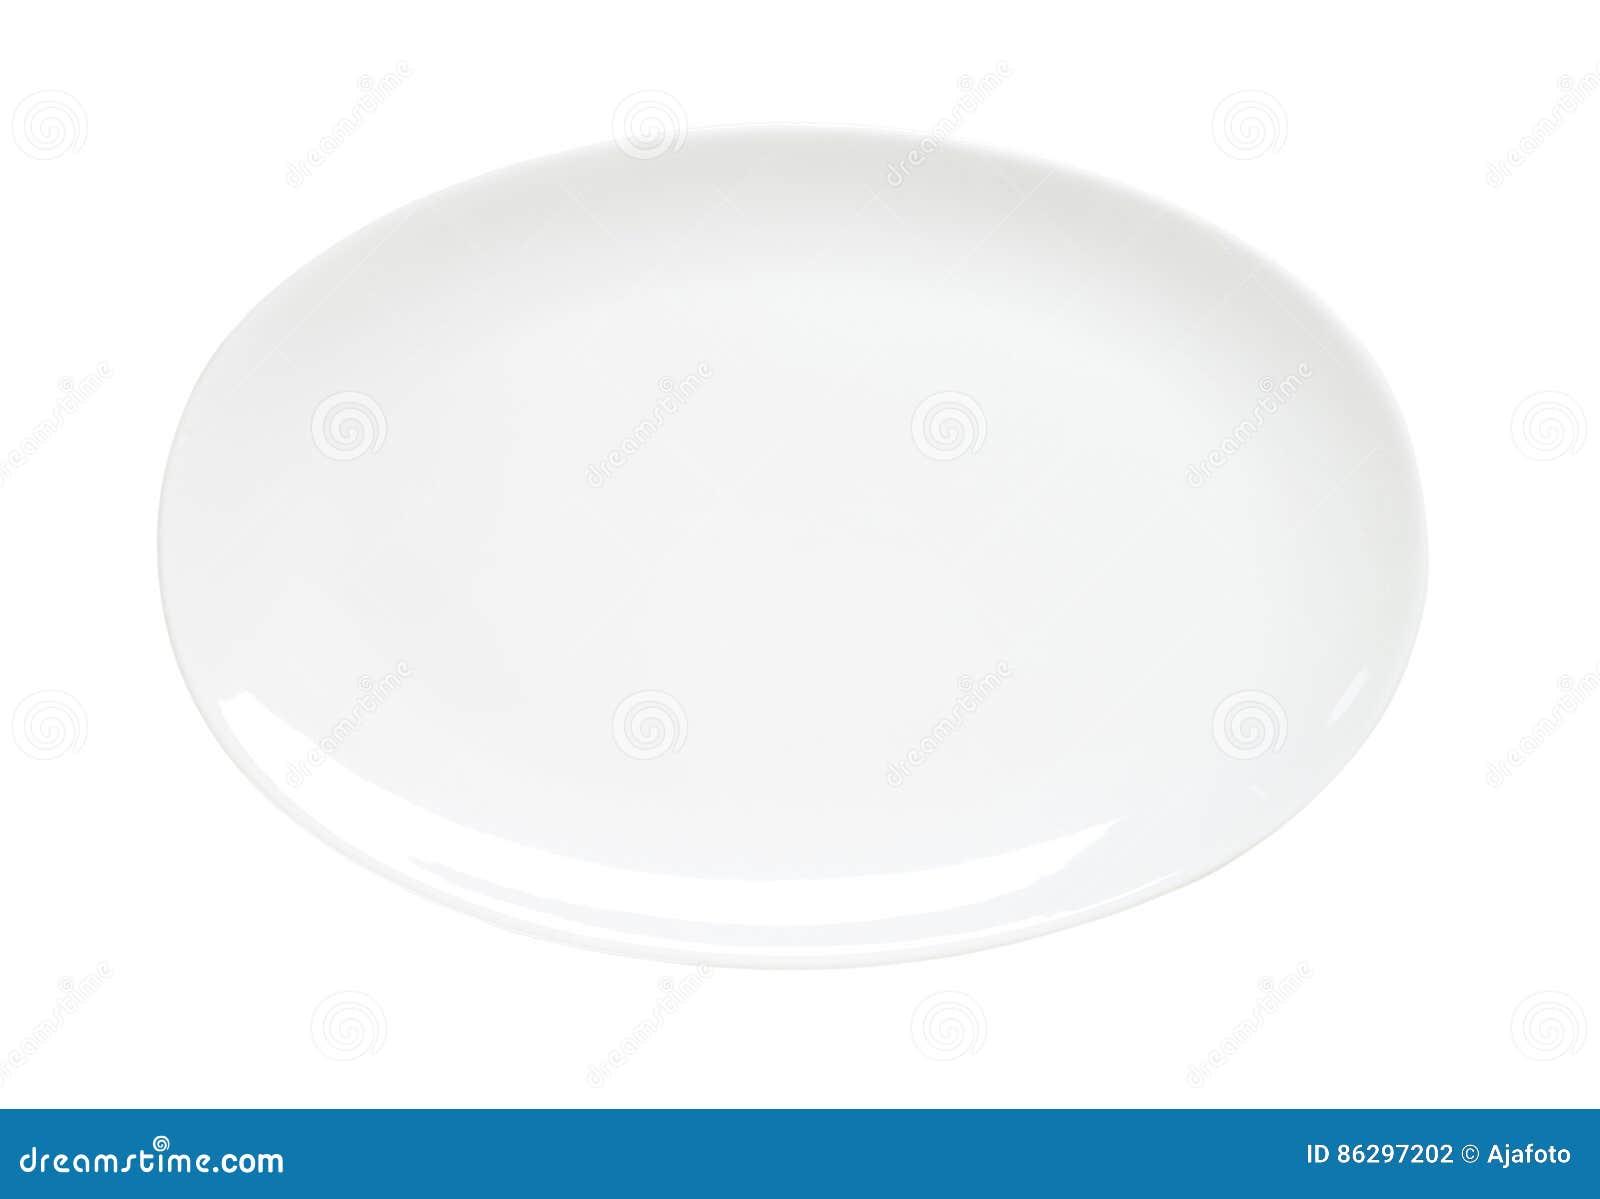 Owalny prosty biały półmisek